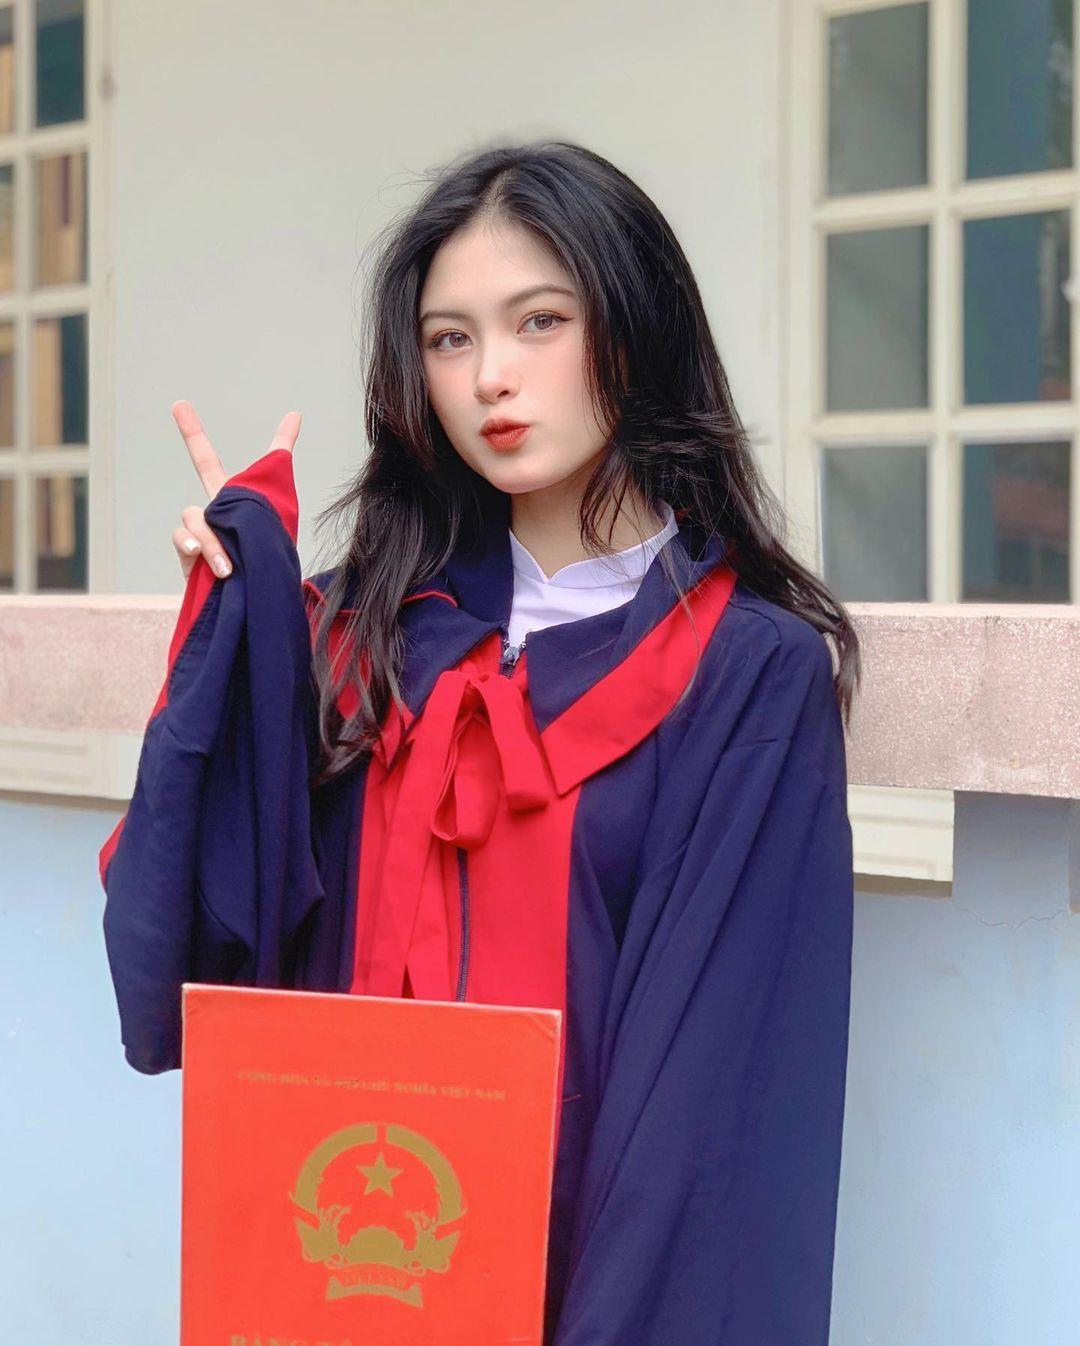 [人物]清纯越南妹子「Leely」辣穿奥黛,让人不被她掳获都不行啊. 养眼图片 第28张